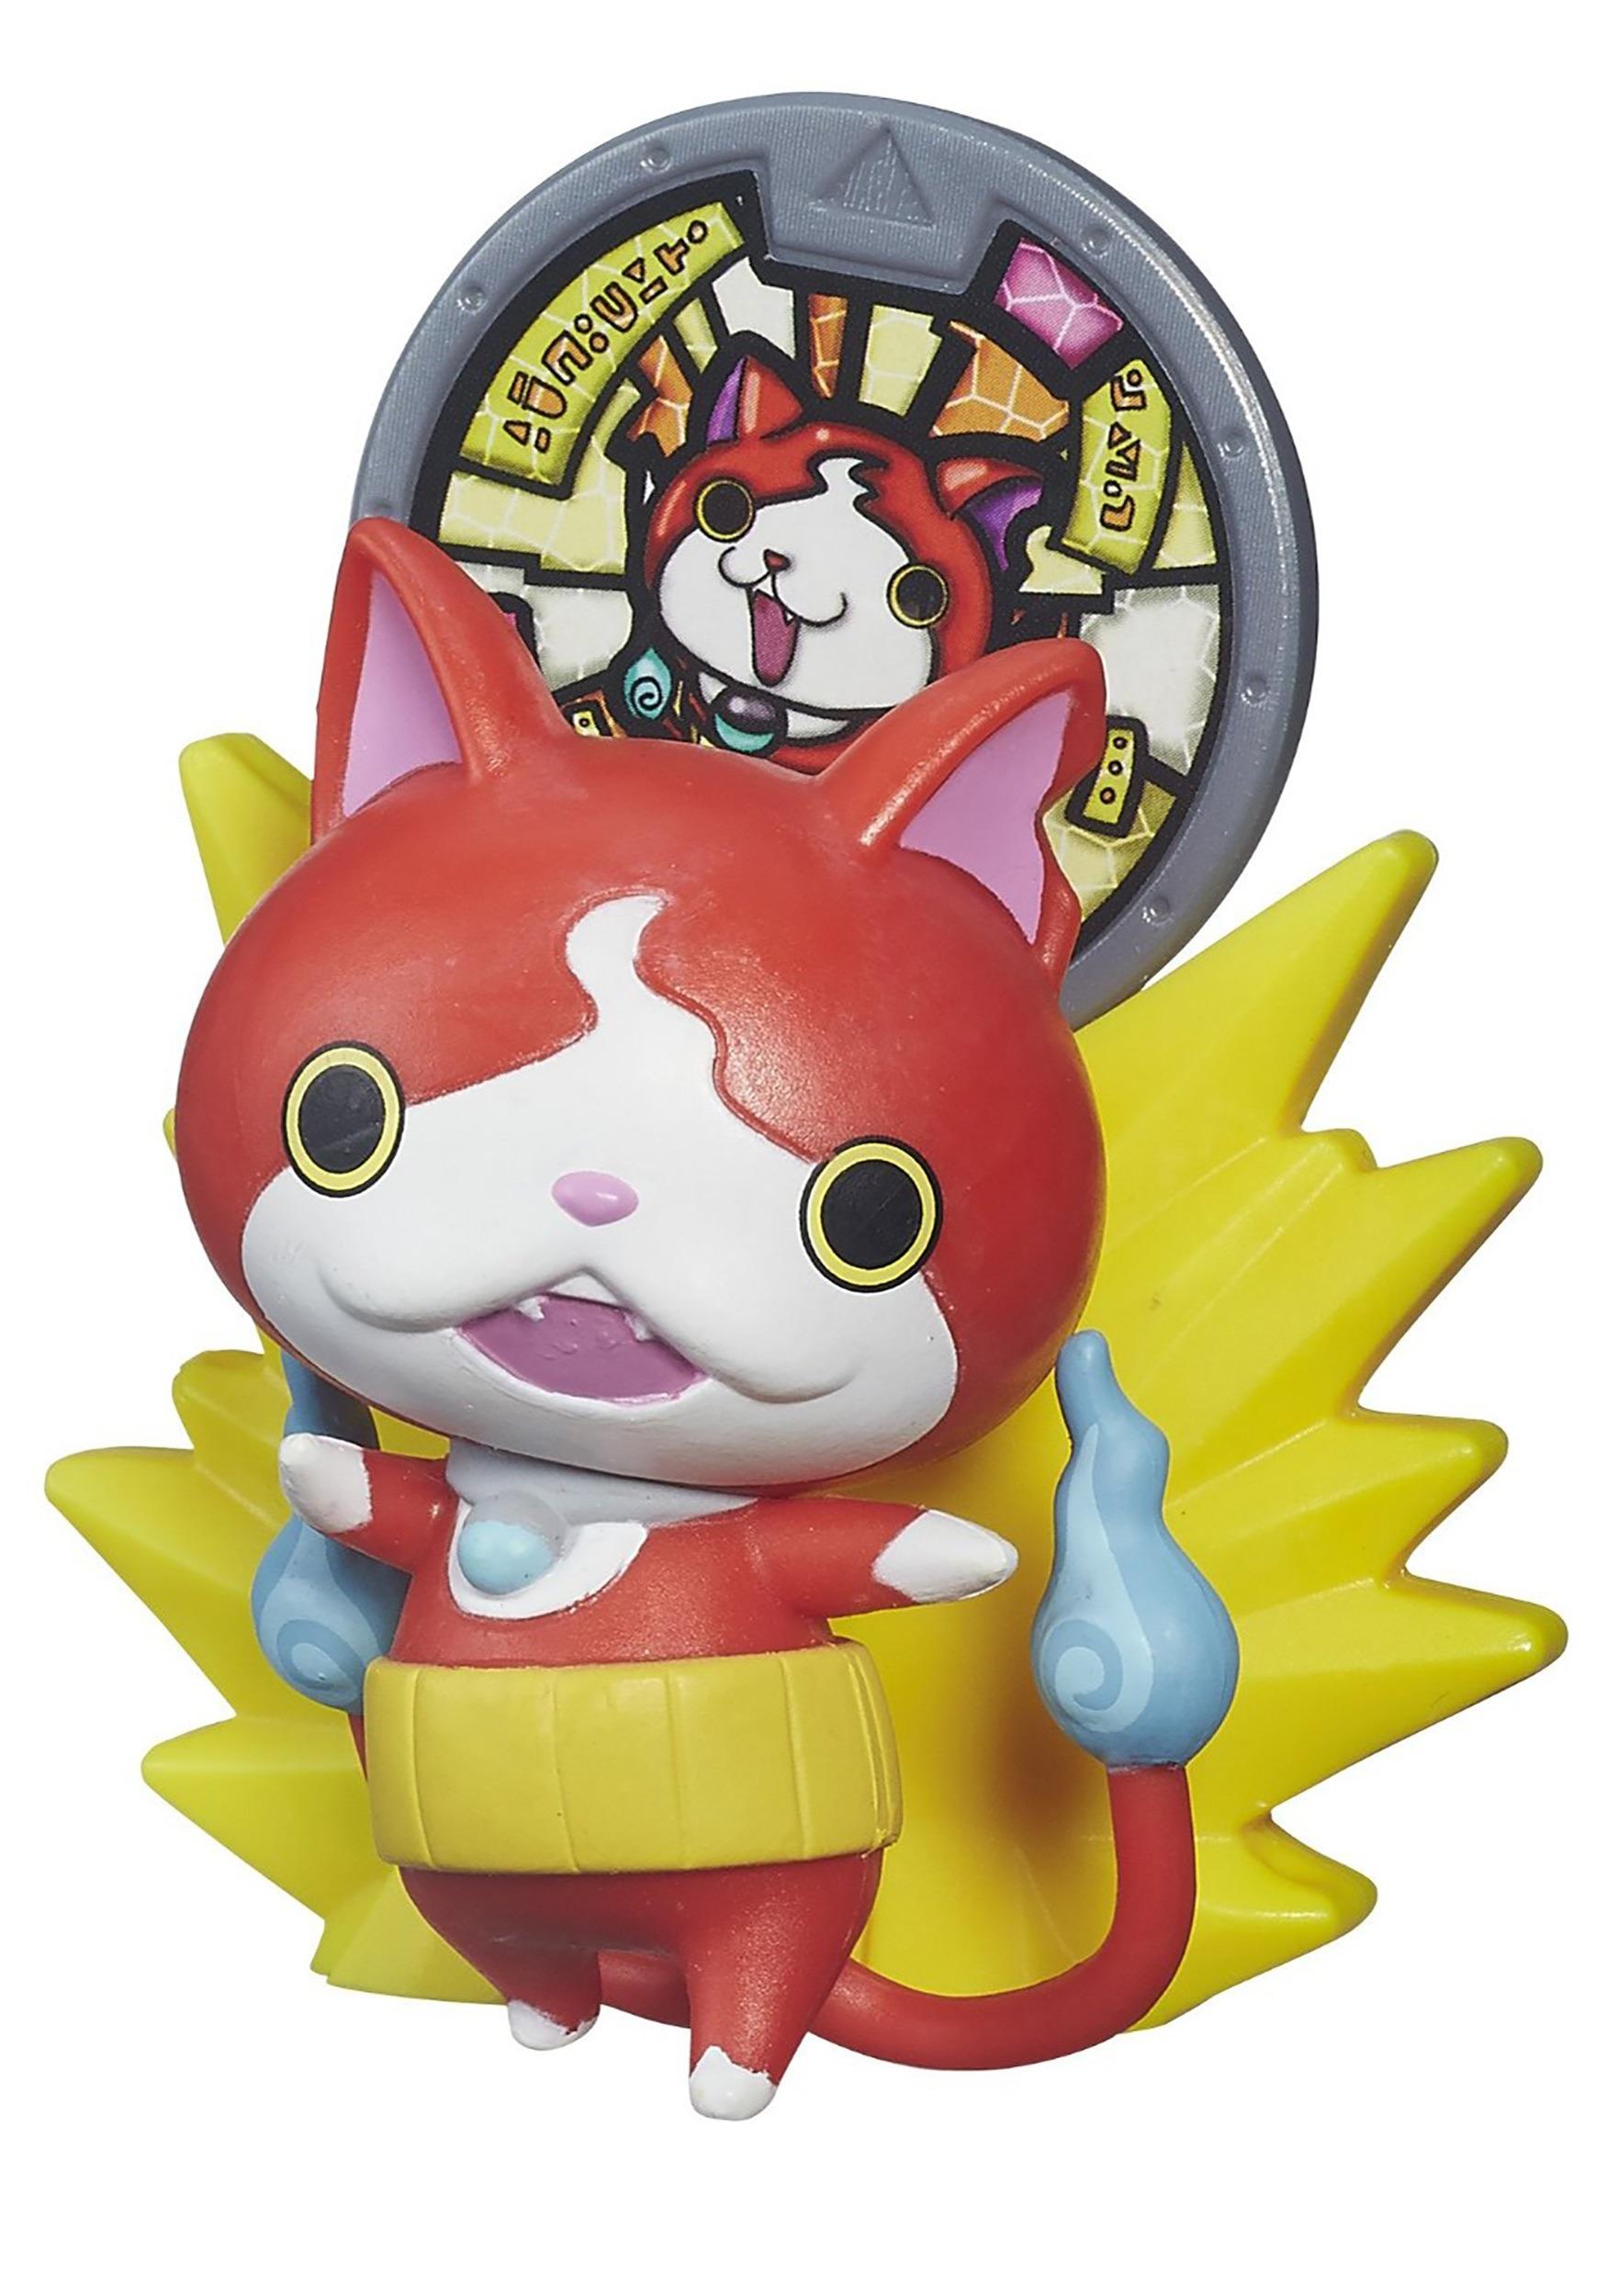 Yo kai watch medal moments jibanyan vinyl figure for Decoration yo kai watch